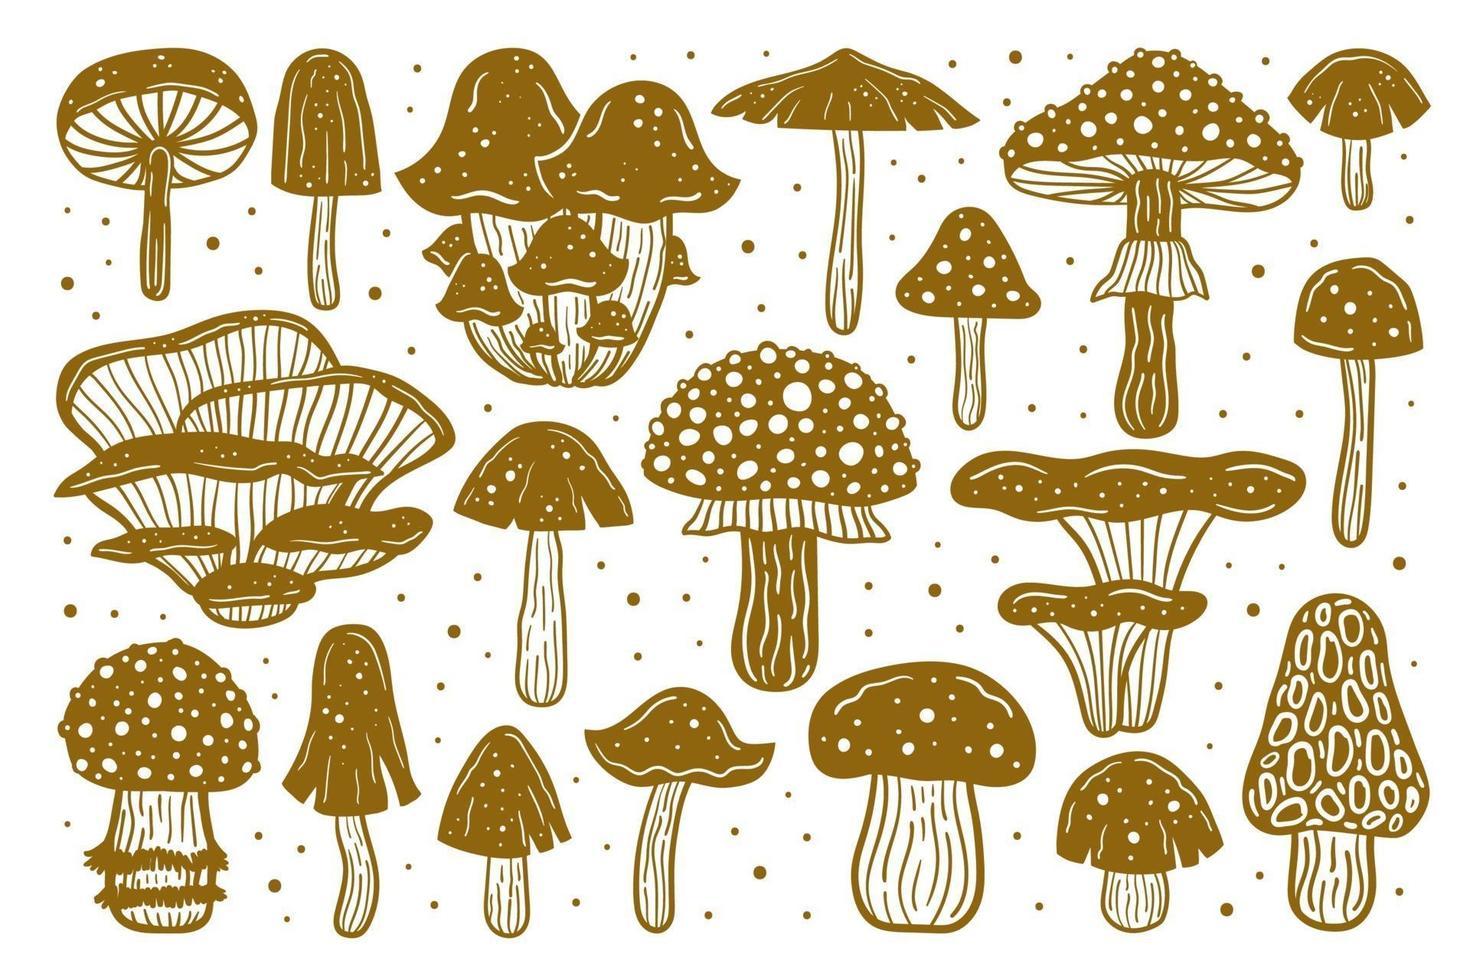 Big set of forest mushrooms. Ink vector illustration. Linocut print. Golden monochrome design. Botanic, nature.